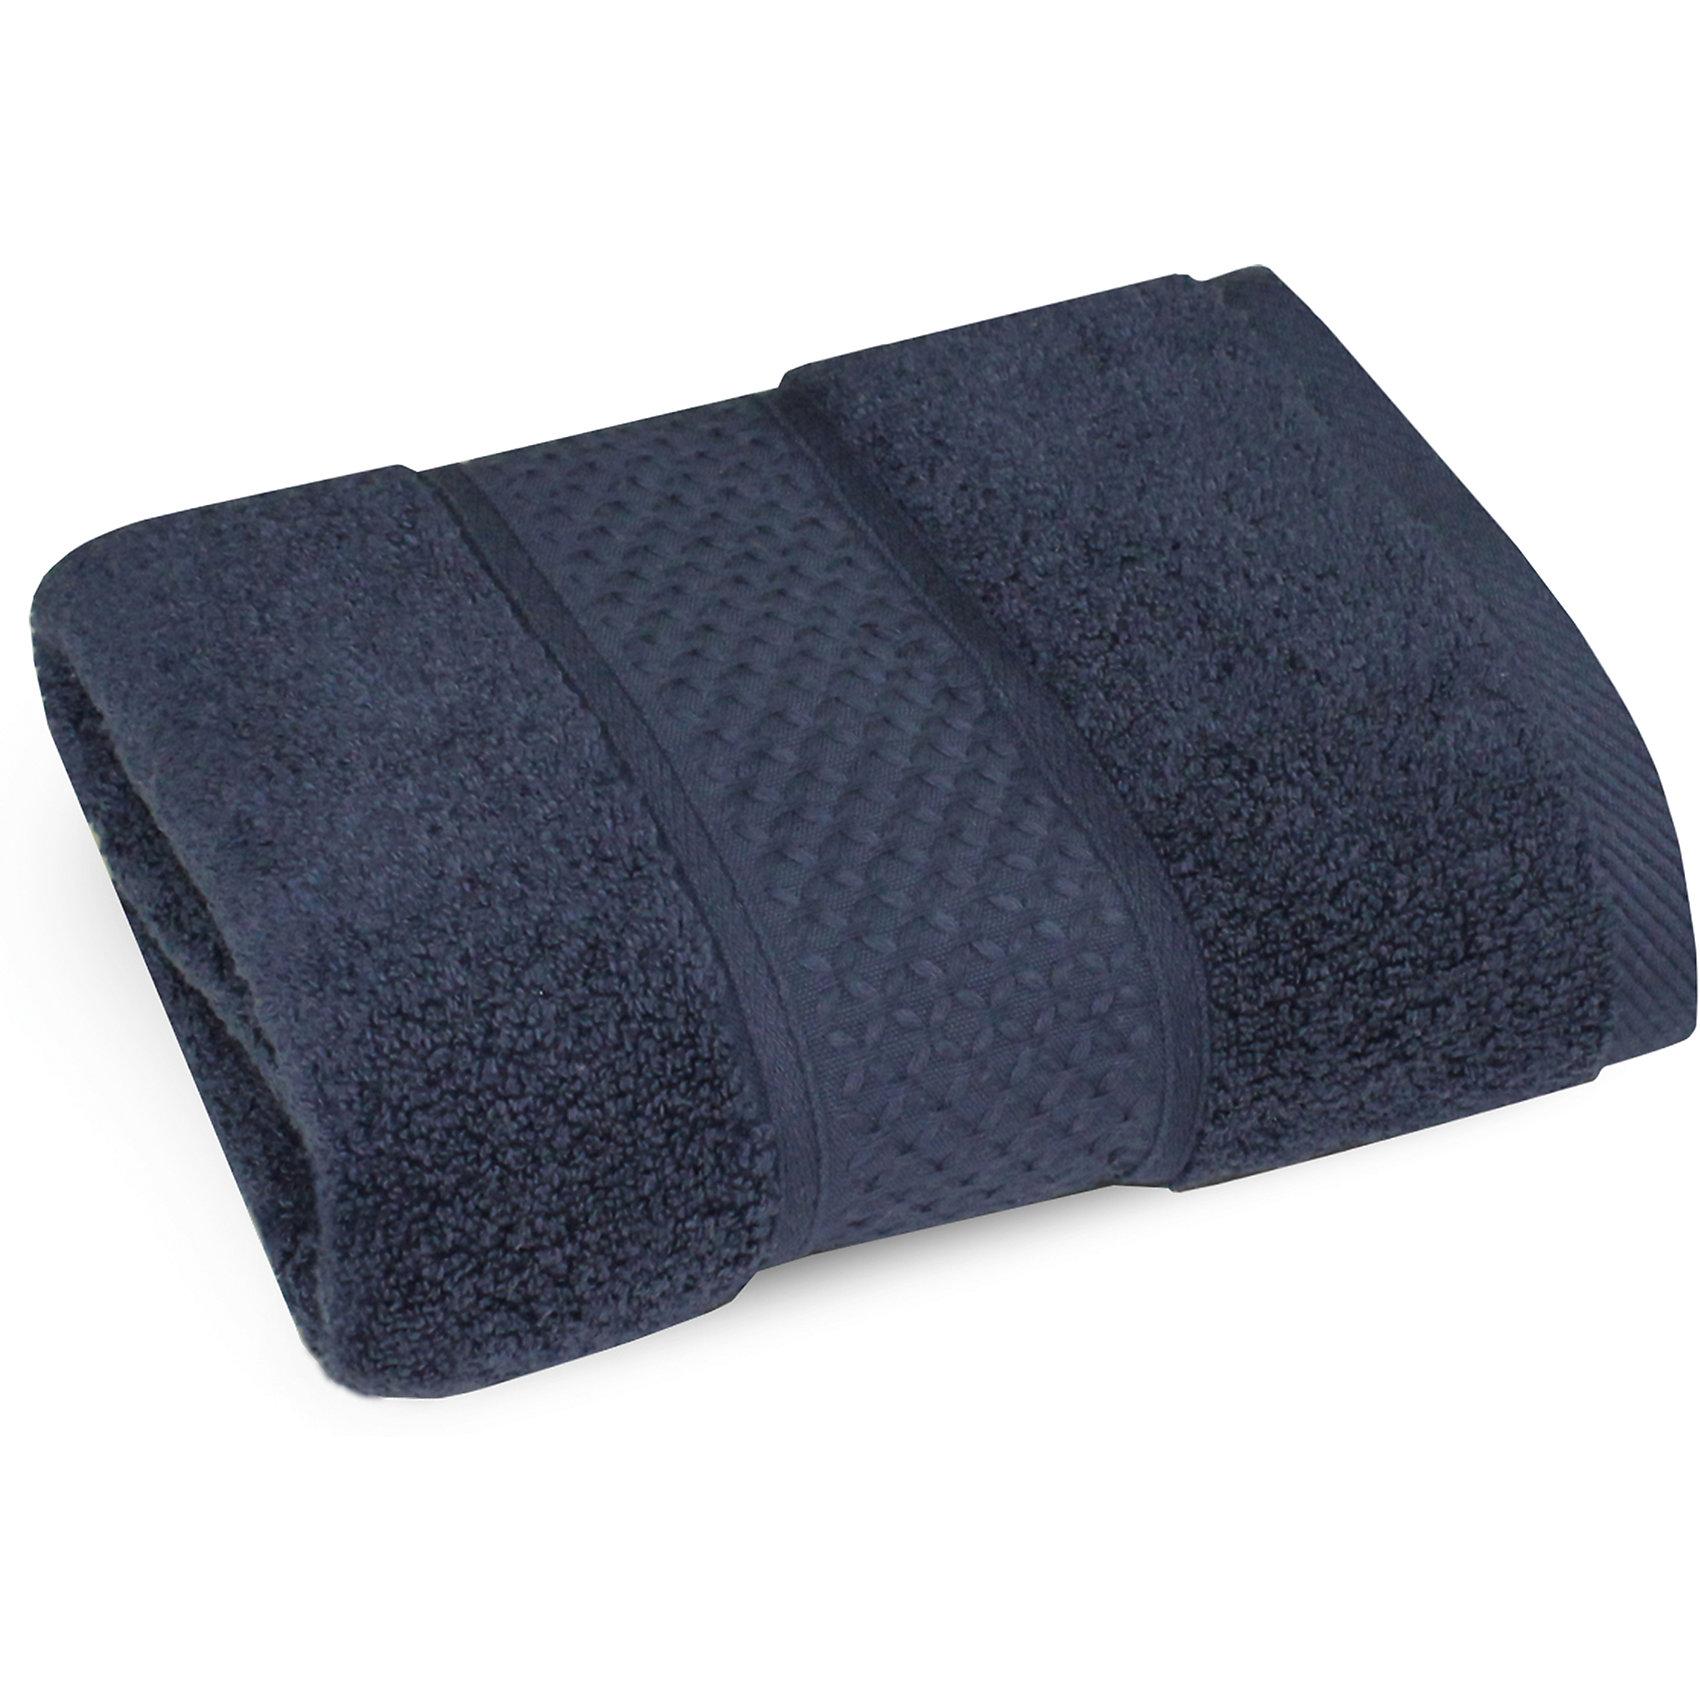 Полотенце махровое 70*140, Cozy Home, темно-синийПолотенце махровое 70*140, Cozy Home (Кози Хоум), темно-синий<br><br>Характеристики:<br><br>• мягкое полотенце, приятное на ощупь<br>• хорошо впитывает влагу<br>• легко стирать<br>• материал: хлопок<br>• размер: 70х140 см<br>• цвет: темно-синий<br><br>Банное полотенце от Cozy Home - прекрасный выбор для ценителей комфорта и качества. Полотенца выполнено из мягких хлопковых волокон, не вызывающих раздражения на коже. Полотенце отлично подойдет как детям, так и взрослым. После длительного использования полотенце не поменяет свой размер и цвет. Главное отличие полотенец из хлопка - хорошая гигроскопичность. Изделие быстро впитает влагу, даря мягкость и уют. Край полотенца декорирован приятной вышивкой в тон основному цвету.<br><br>Полотенце махровое 70*140, Cozy Home (Кози Хоум), темно-синий можно купить в нашем интернет-магазине.<br><br>Ширина мм: 150<br>Глубина мм: 350<br>Высота мм: 150<br>Вес г: 350<br>Возраст от месяцев: 0<br>Возраст до месяцев: 216<br>Пол: Мужской<br>Возраст: Детский<br>SKU: 5355318